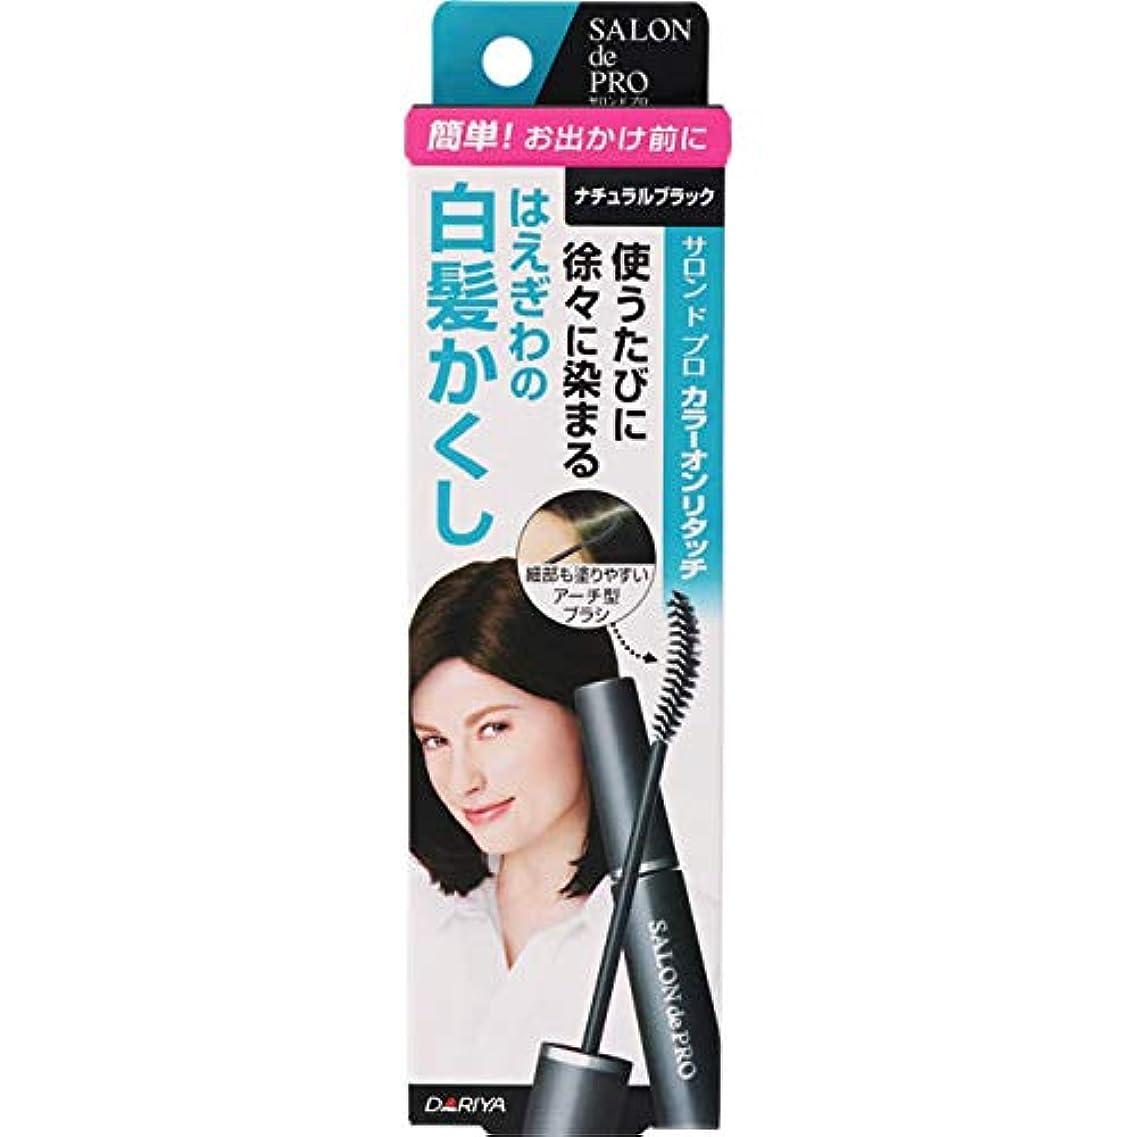 症状把握タバコサロンドプロ カラーオンリタッチ 白髪かくしEX ナチュラルブラック